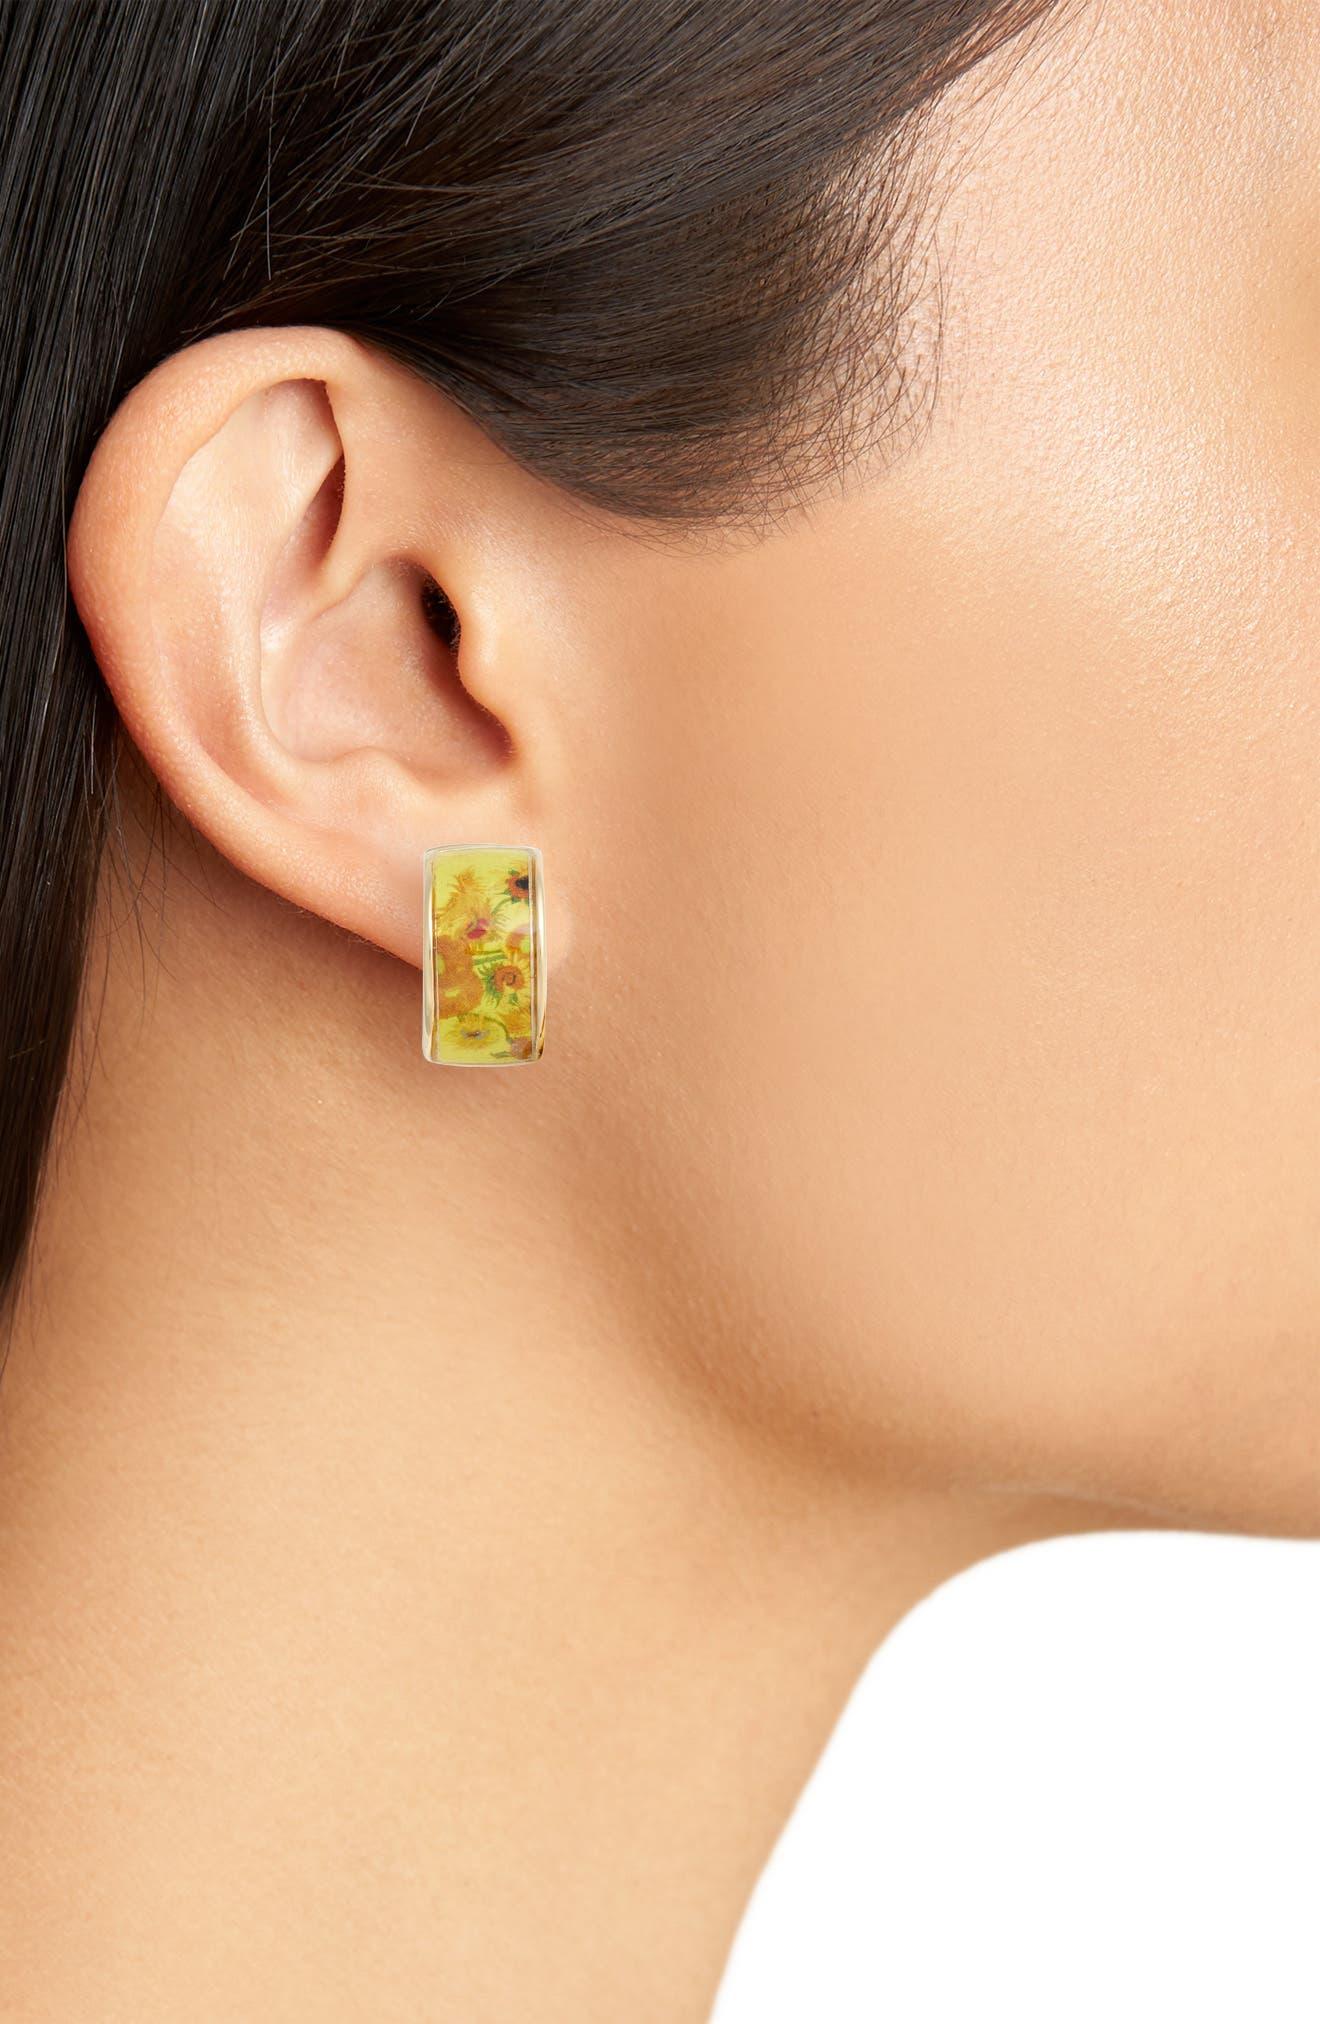 Sunflower Earrings,                             Alternate thumbnail 2, color,                             YELLOW/ GOLD